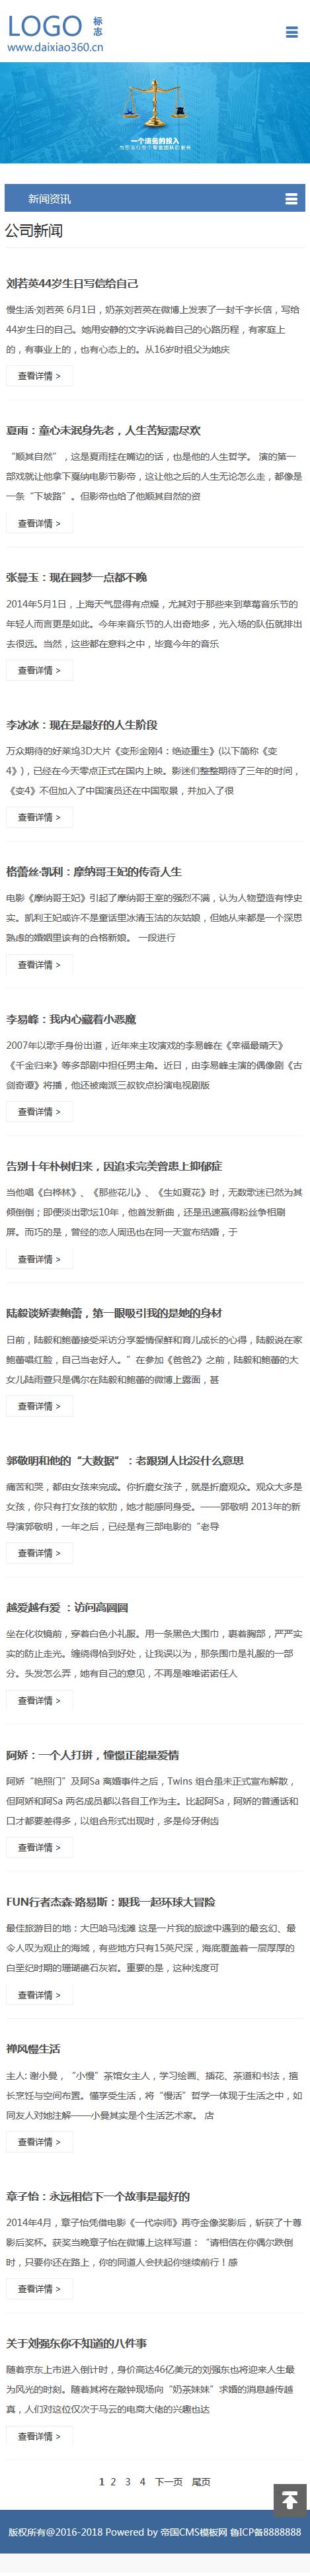 帝国CMS自适应咨询服务类企业公司网站模板_手机版新闻列表模板